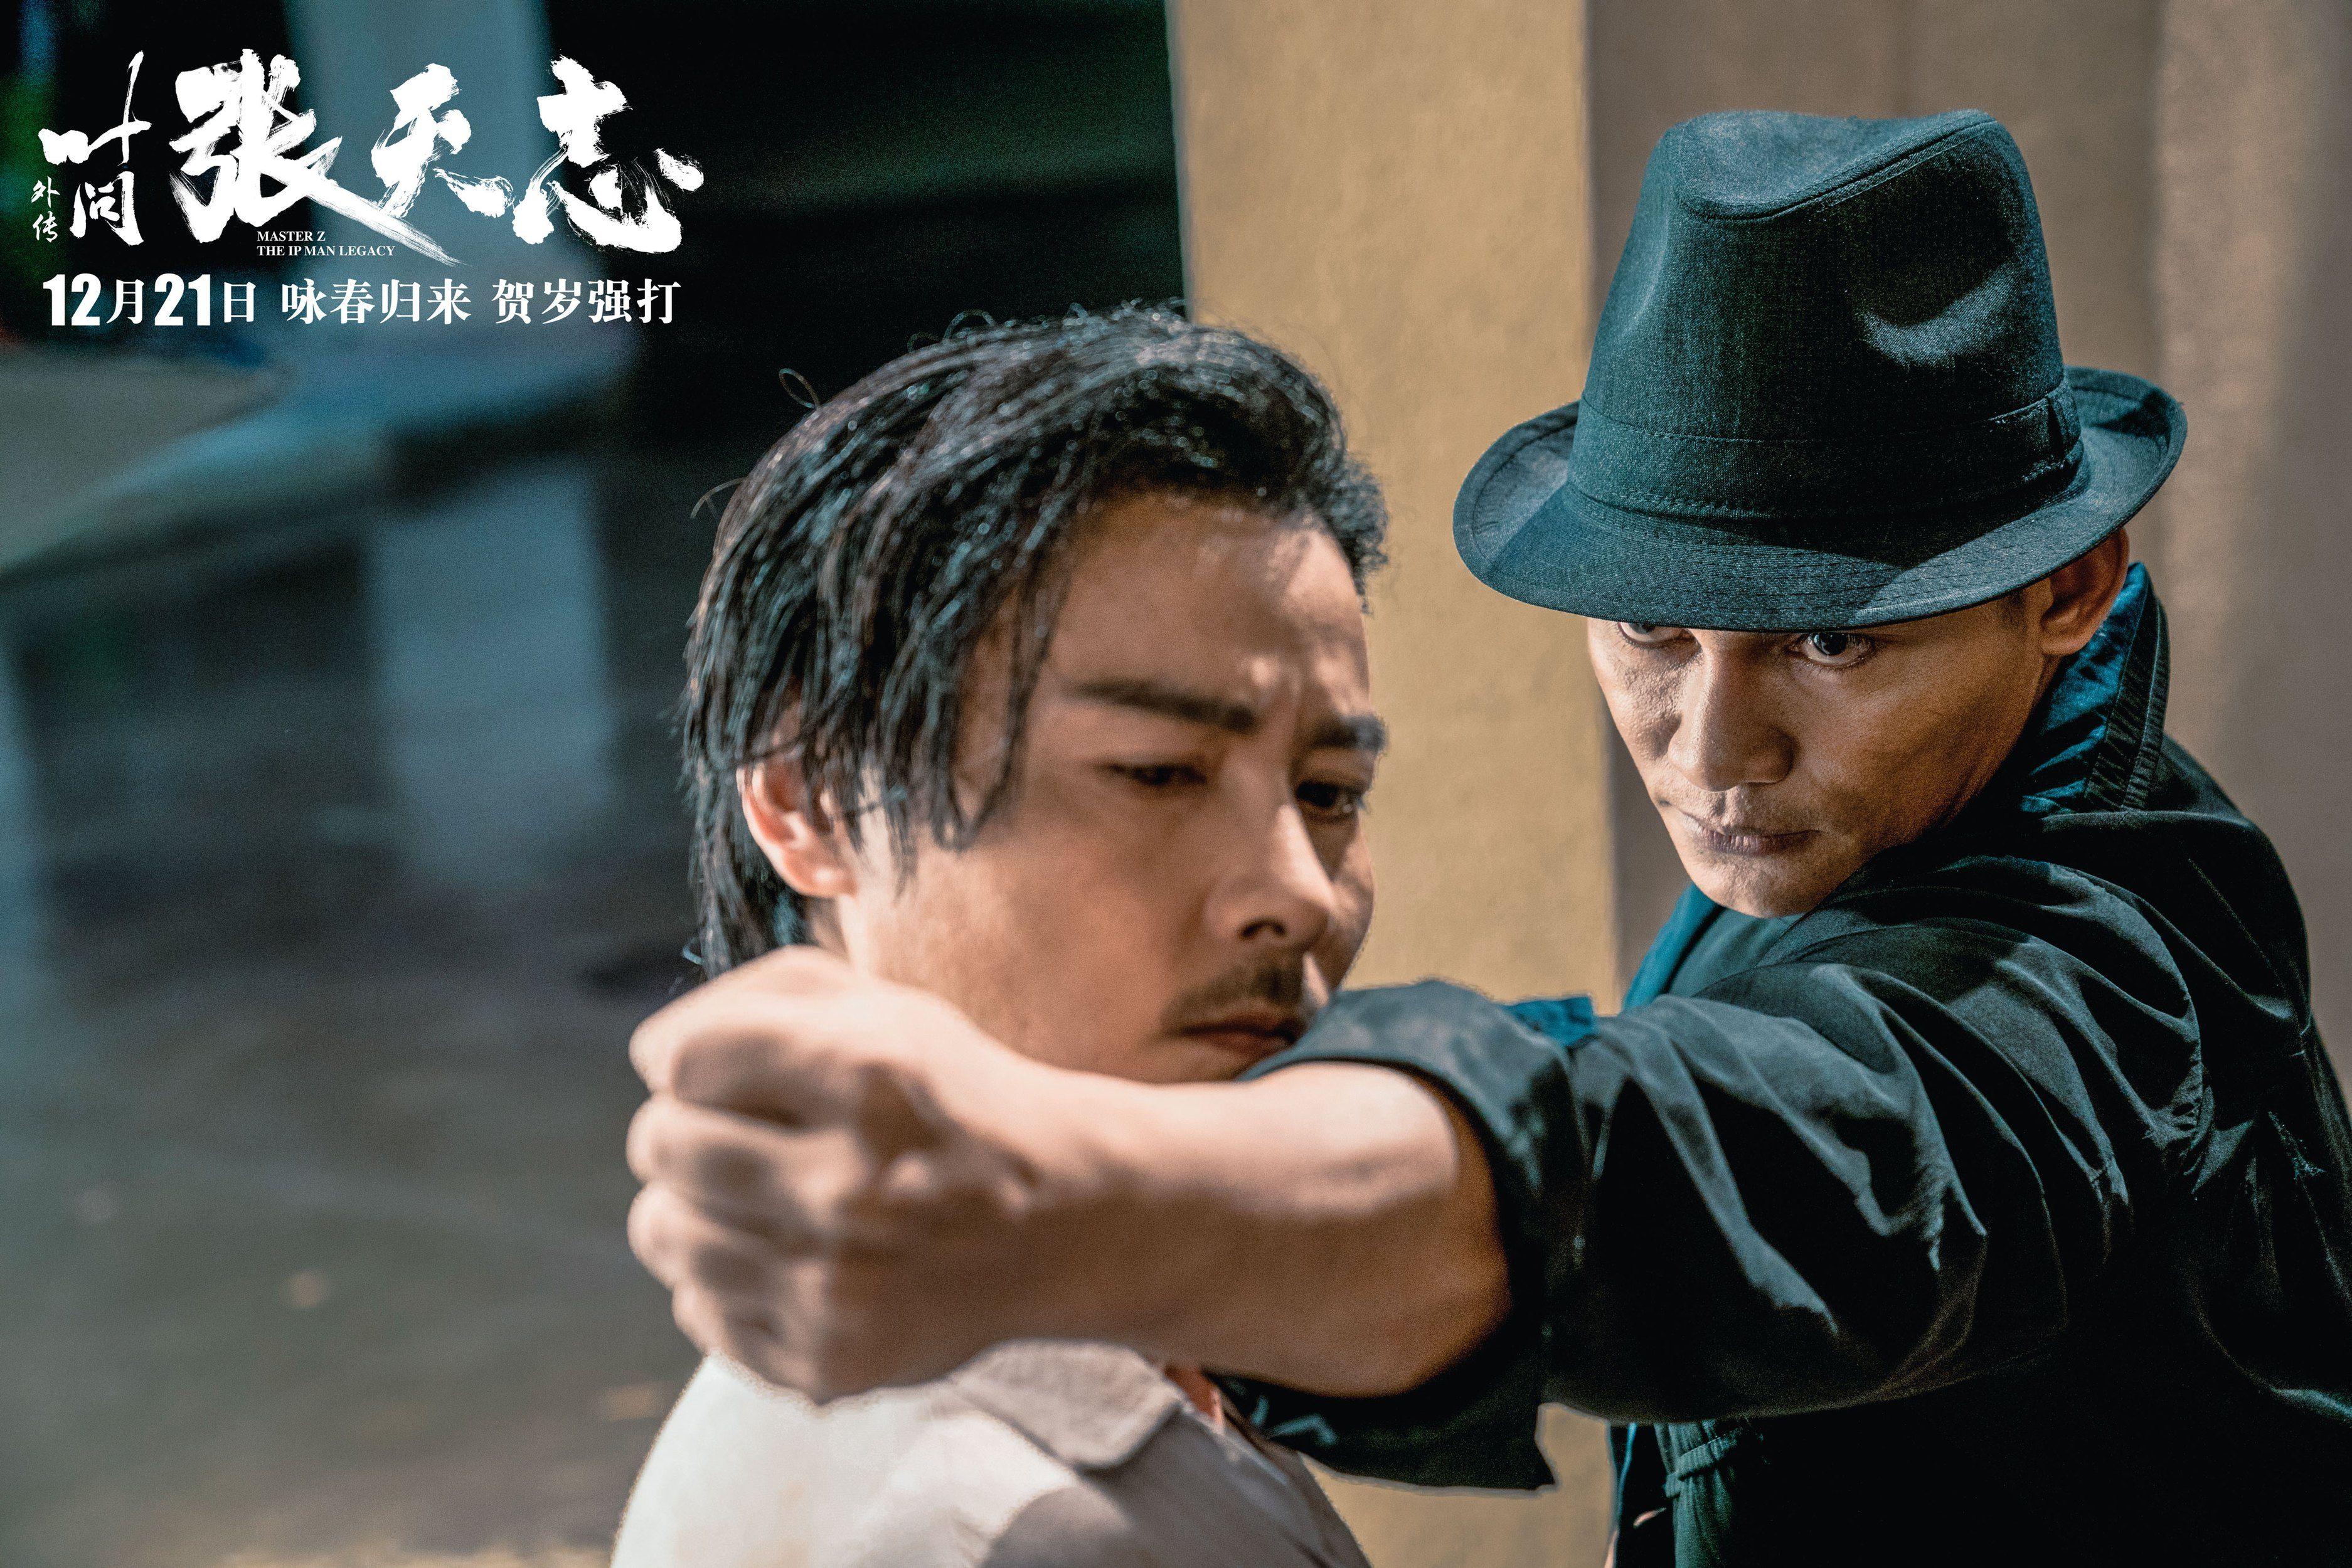 中国影视投资网:张晋咏春对垒泰拳,《叶问外传:张天志图片